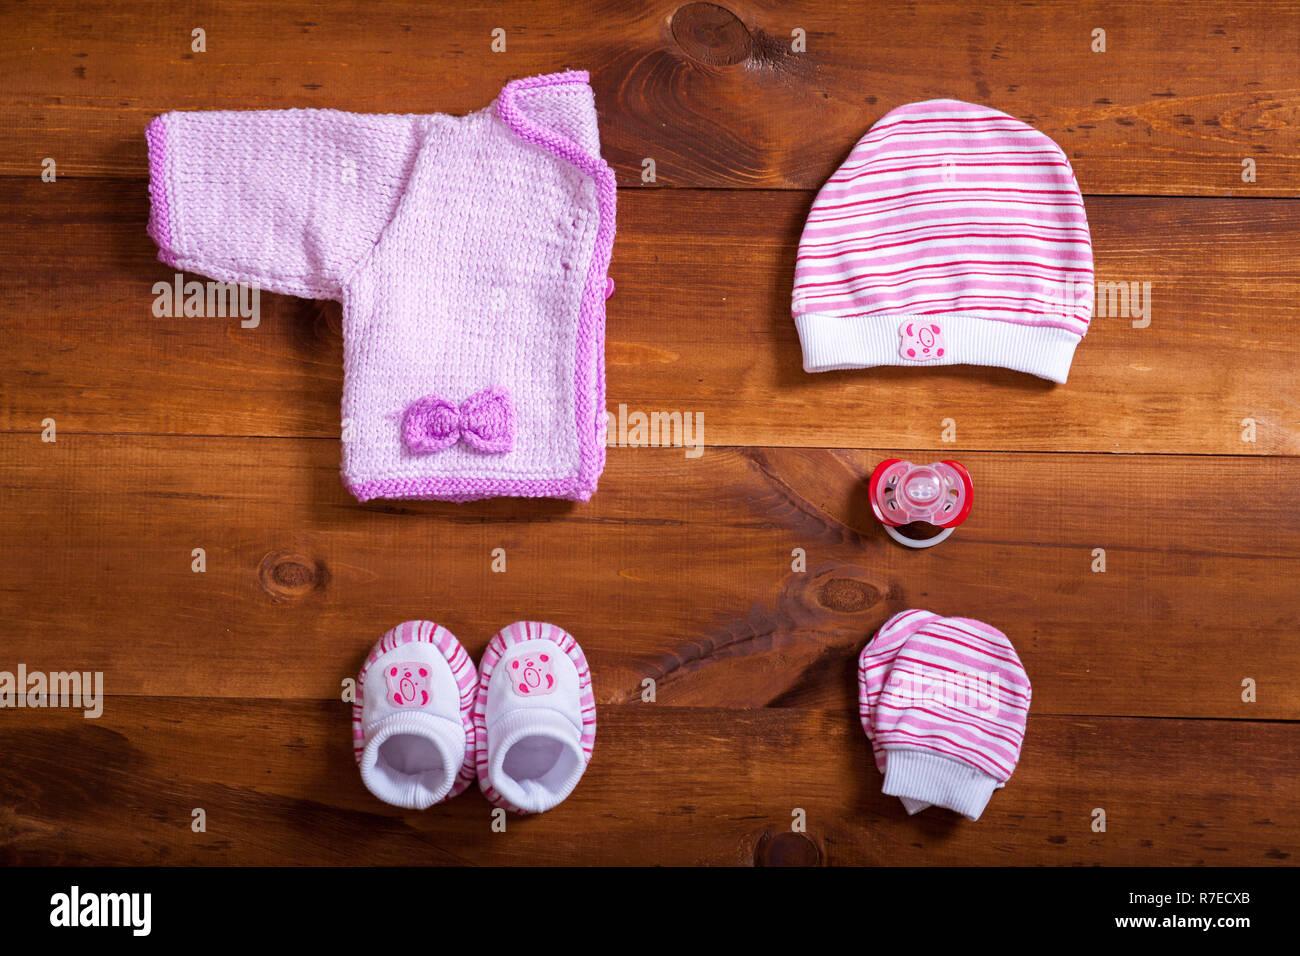 6132f5197 Ropa de bebé y accesorios de madera color marrón tabla de fondo, Rosa niño  recién